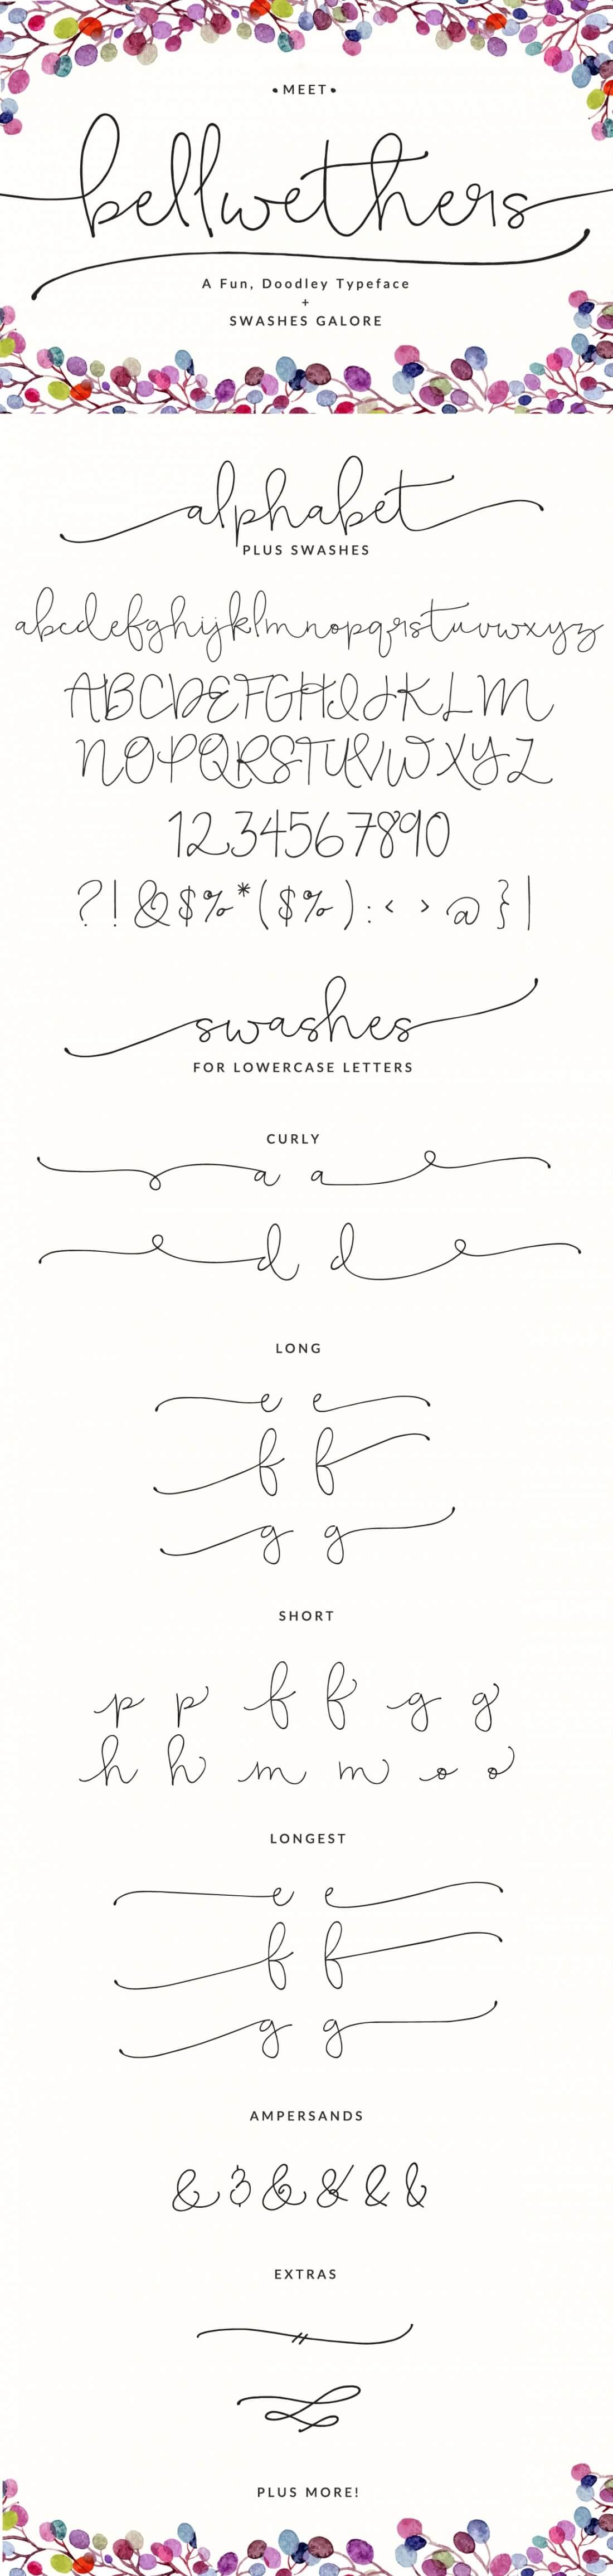 Exclusive Bundle: 10 Fantastic Fresh Script Font Families - only $24